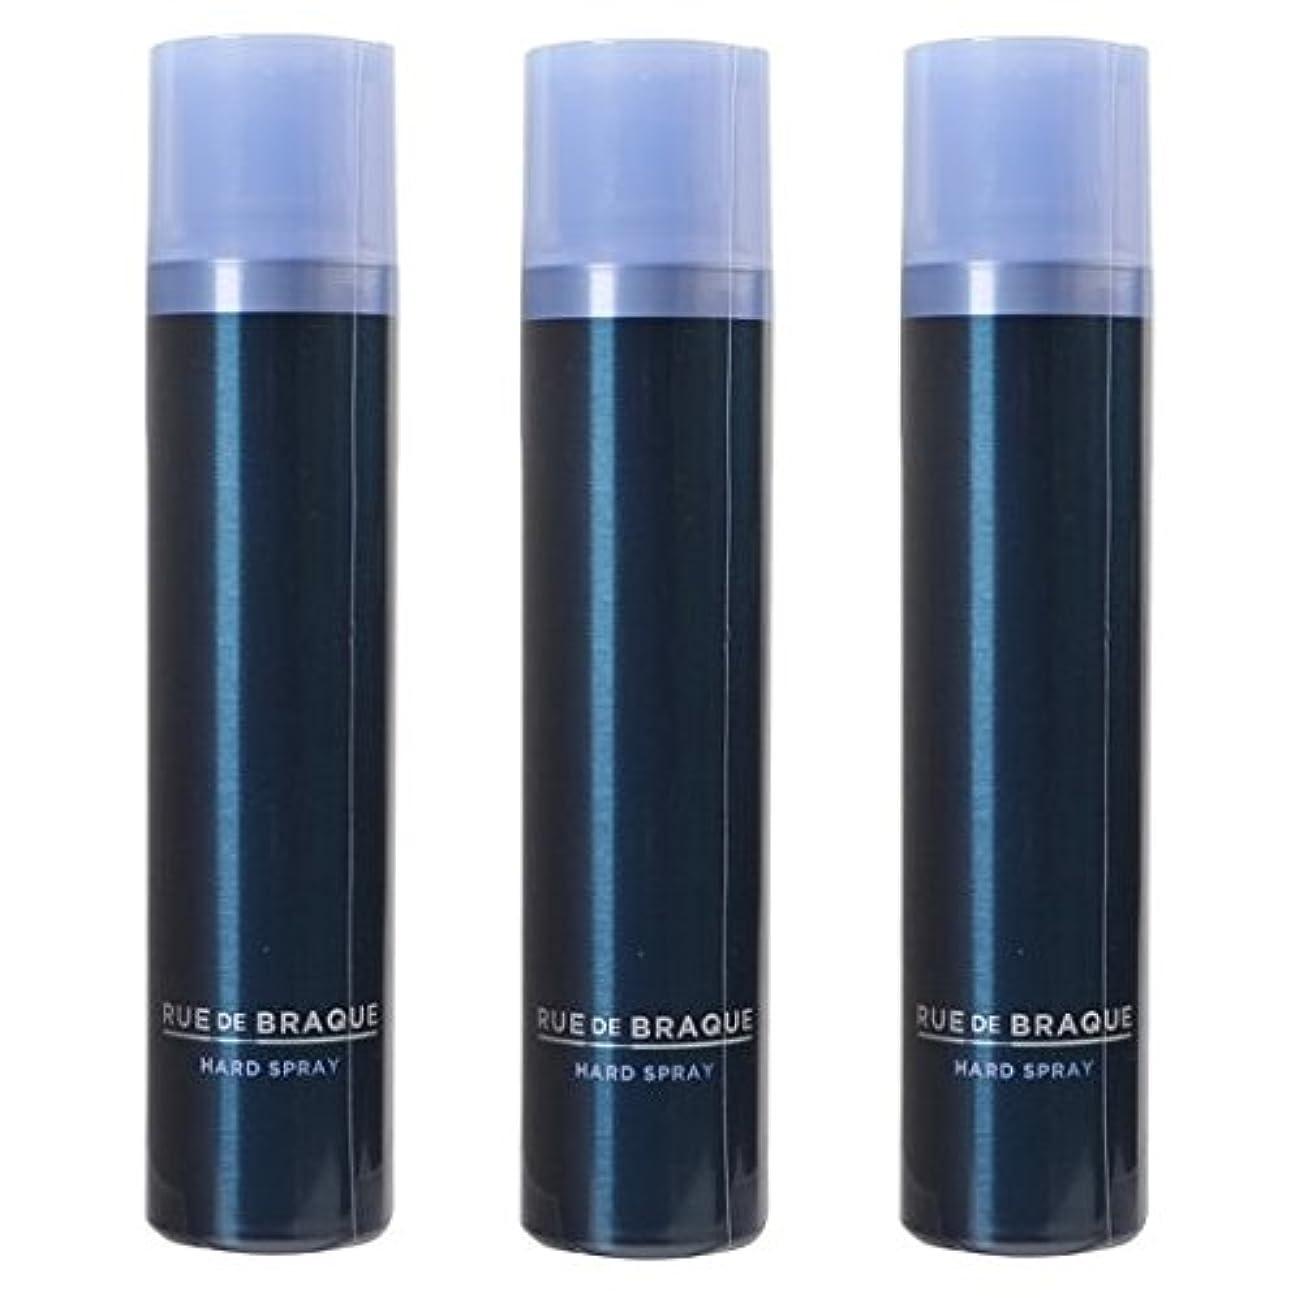 カスケード余暇ダイジェストタマリス ルードブラック ハードスプレー 180g ×3個セット TAMARIS RUE DE BRAQUE 男性用ヘアケア メンズヘアケア メンズケア